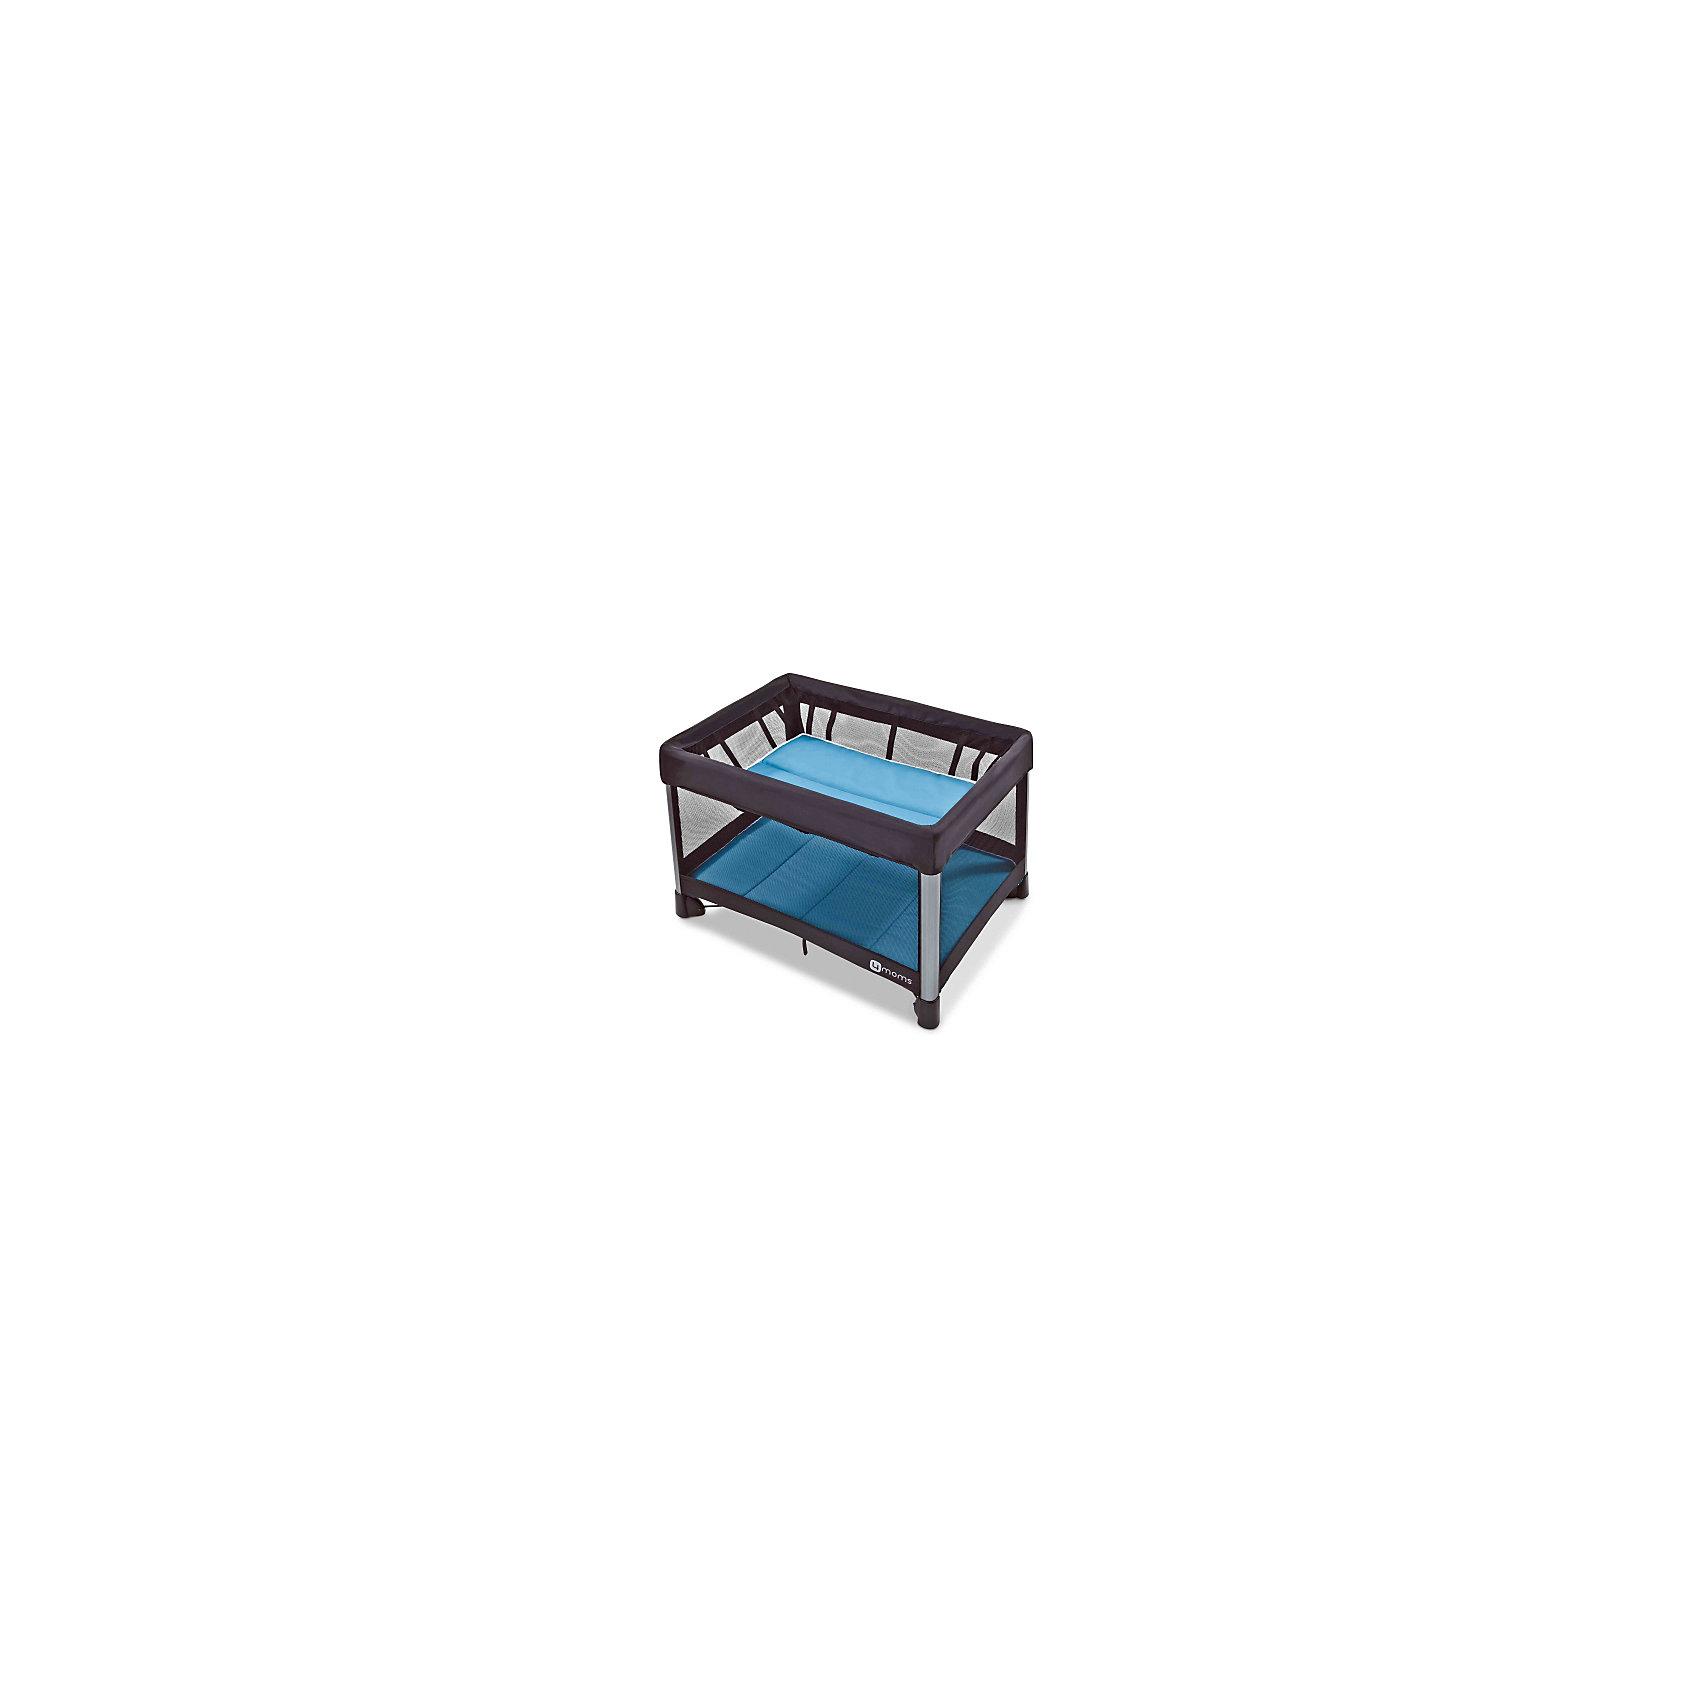 Манеж-кровать, 4moms, бриз голубойМанежи-кроватки<br>Характеристики товара:<br><br>• возраст с рождения;<br>• максимальный рост ребенка 90 см;<br>• максимальная нагрузка на верхний уровень 8 кг;<br>• максимальная нагрузка на нижний уровень 16 кг;<br>• материал: текстиль, металл, пластик;<br>• в комплекте: манеж, подвесной уровень, 2 матраса, сумка для транспортировки;<br>• размер манежа 115,5х81х73,6 см;<br>• размер в сложенном виде 78х32х32 см;<br>• размер упаковки 79х32х32 см;<br>• вес упаковки 10,9 кг;<br>• страна производитель: США<br><br>Манеж-кровать 4moms Breeze голубой может использоваться и как кроватка для маленького малыша, и как игровой манеж для детей постарше. Стенки выполнены из сетчатого материала, обеспечивающего вентиляцию воздуха. Все углы манежа закрыты тканевыми накладками, чтобы избежать случайных травм. <br><br>Конструкция манежа отличается хорошей устойчивостью благодаря 4 ножкам и дополнительному упору по центру. Накладки на ножках не царапают напольное покрытие. Складывается манеж одной рукой, достаточно лишь потянуть за специальную петлю. В сложенном виде имеет компактные габариты, что позволяет хранить его дома, не занимая много места, или брать с собой в поездку.<br><br>Манеж-кровать, 4moms, бриз голубой можно приобрести в нашем интернет-магазине.<br><br>Ширина мм: 320<br>Глубина мм: 320<br>Высота мм: 790<br>Вес г: 10900<br>Возраст от месяцев: 0<br>Возраст до месяцев: 36<br>Пол: Унисекс<br>Возраст: Детский<br>SKU: 5572068